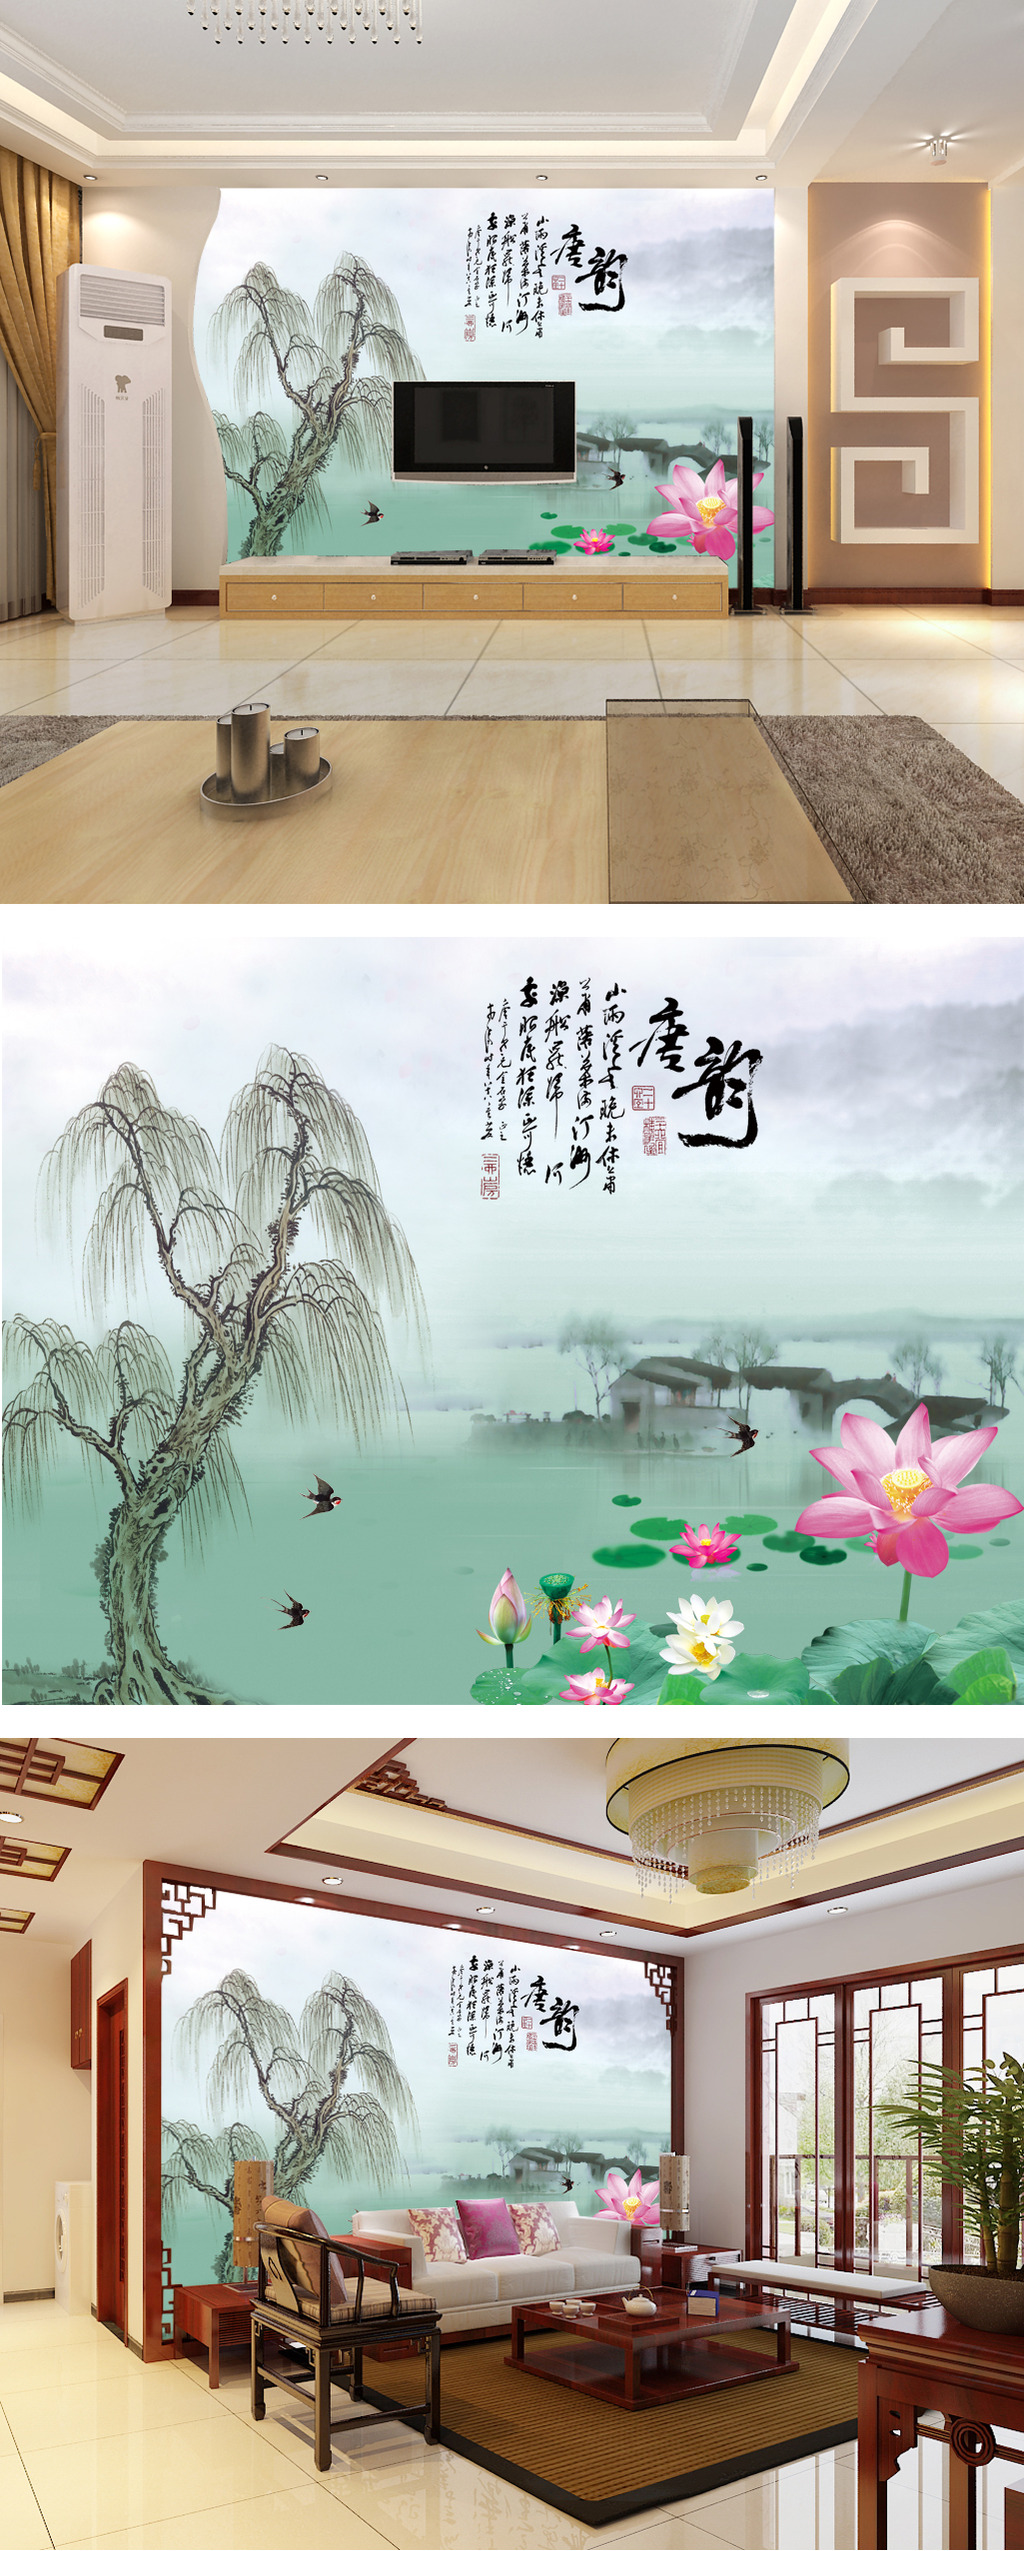 江南风景电视背景墙